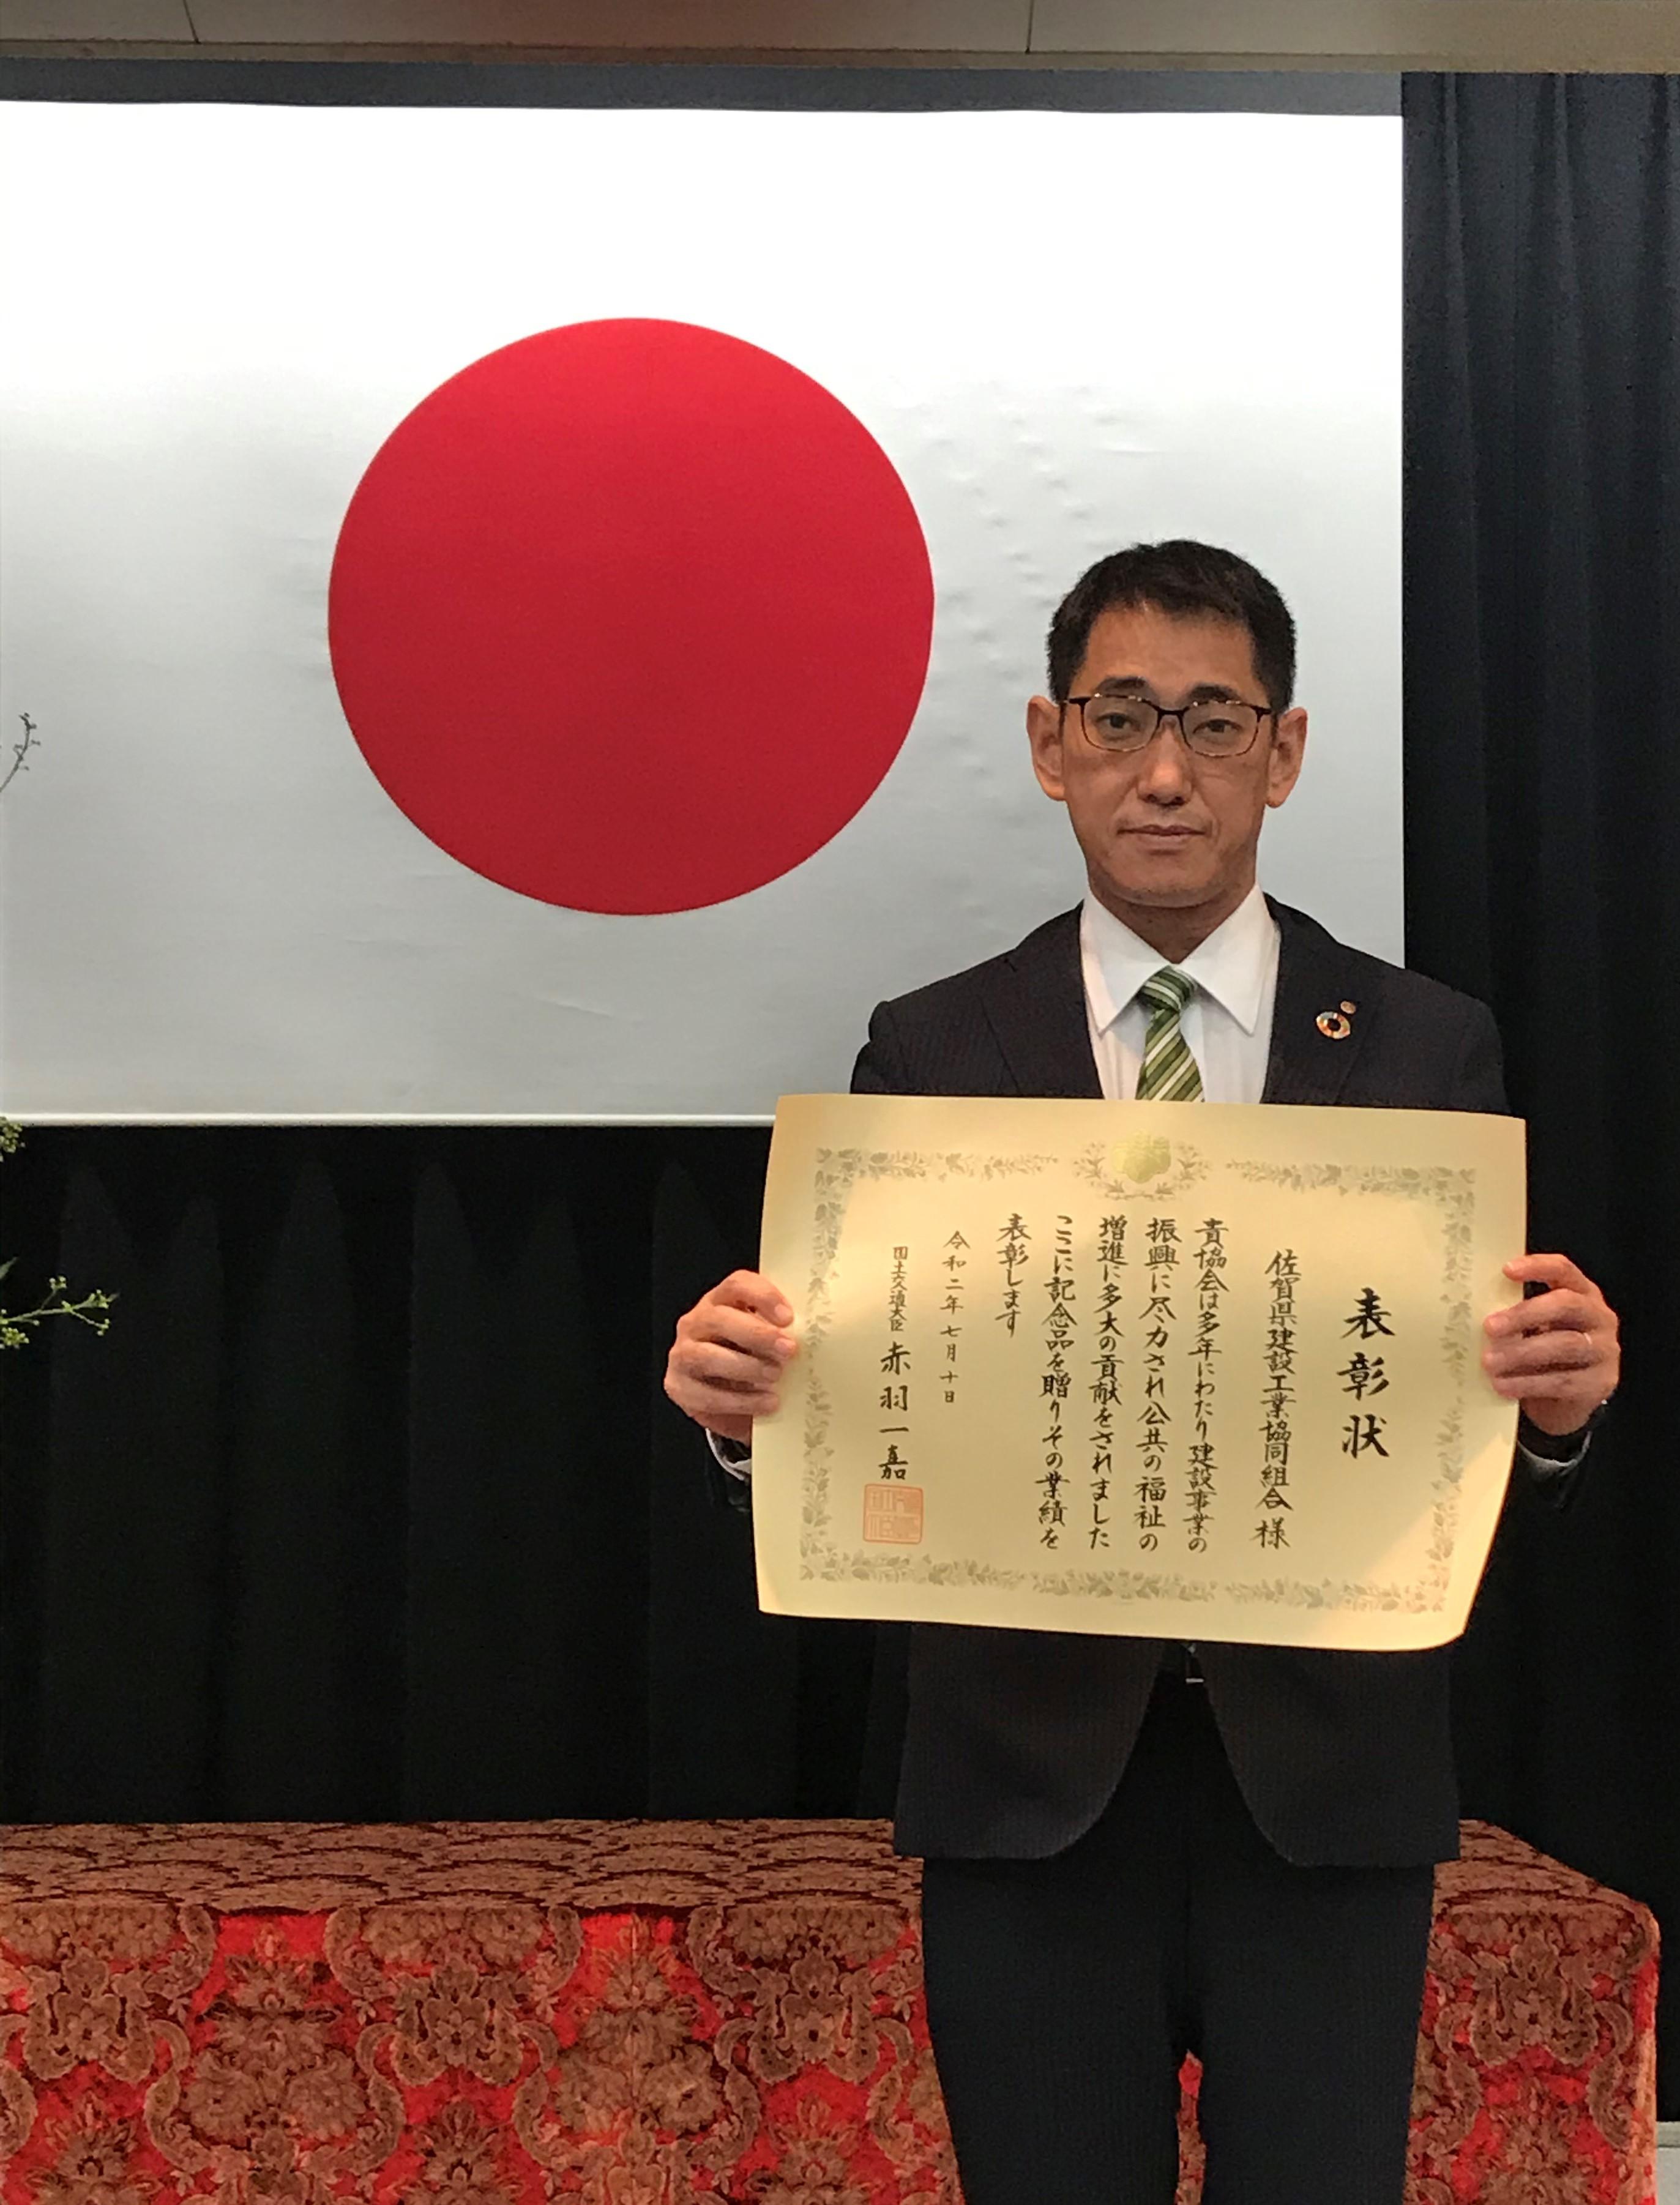 20201128 大臣表彰 松尾氏